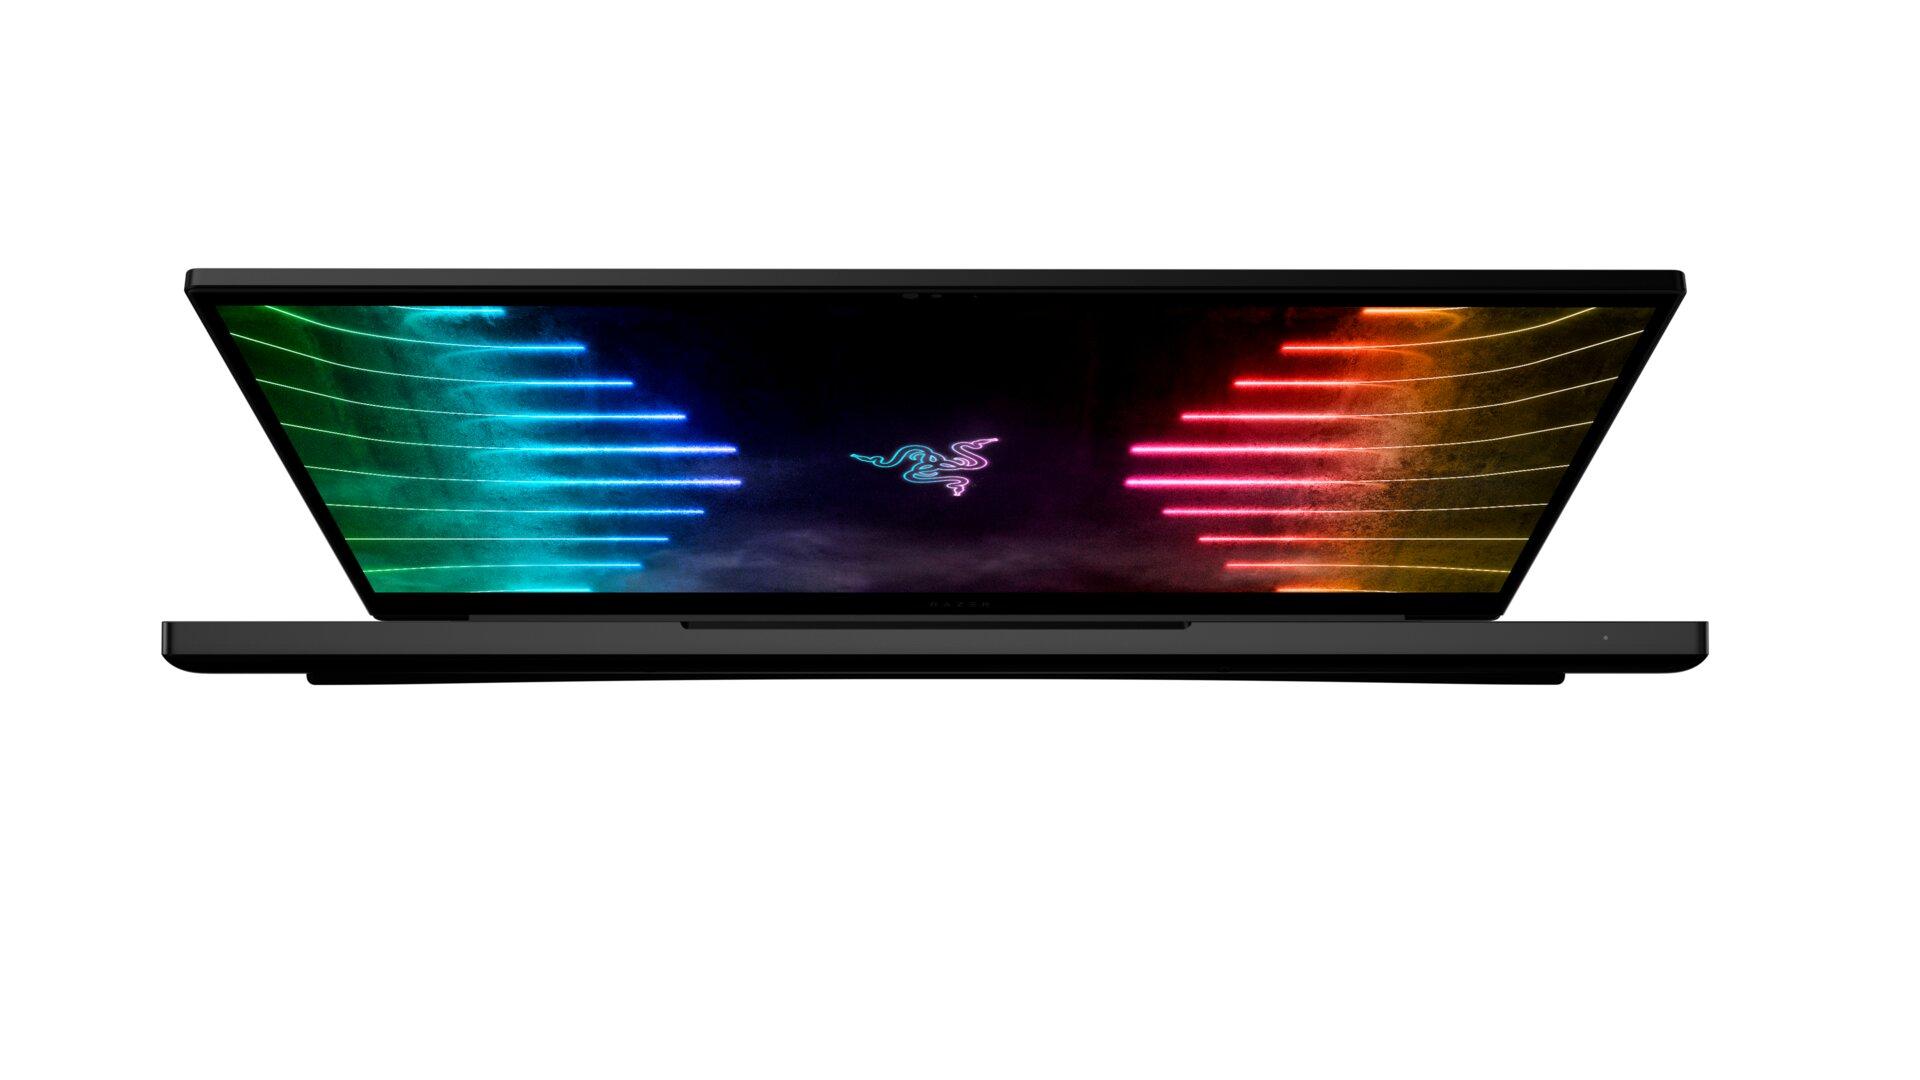 Das neue Razer Blade Pro 17 mit GeForce RTX 3000